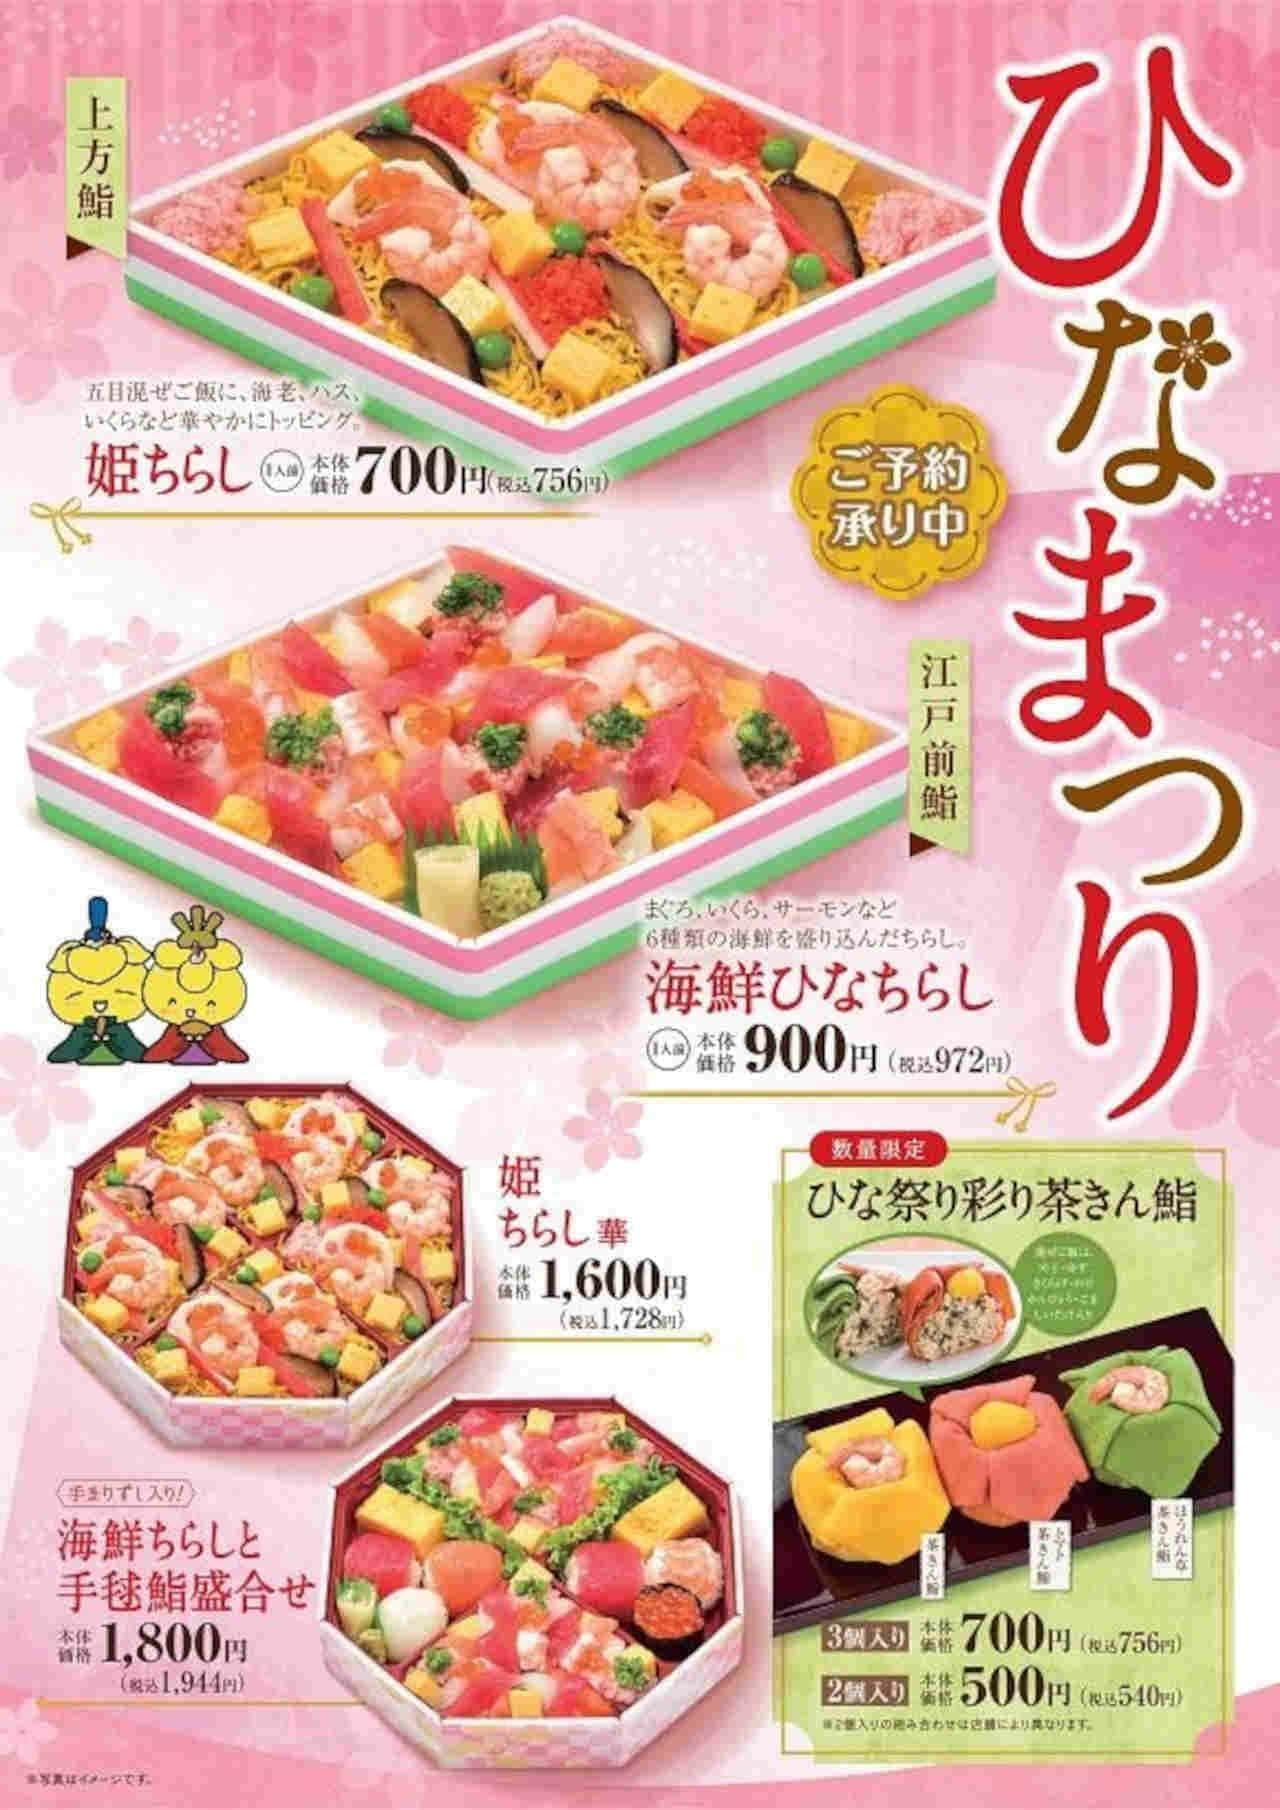 京樽 ひな祭り限定メニュー「姫ちらし」「海鮮ひなちらし」